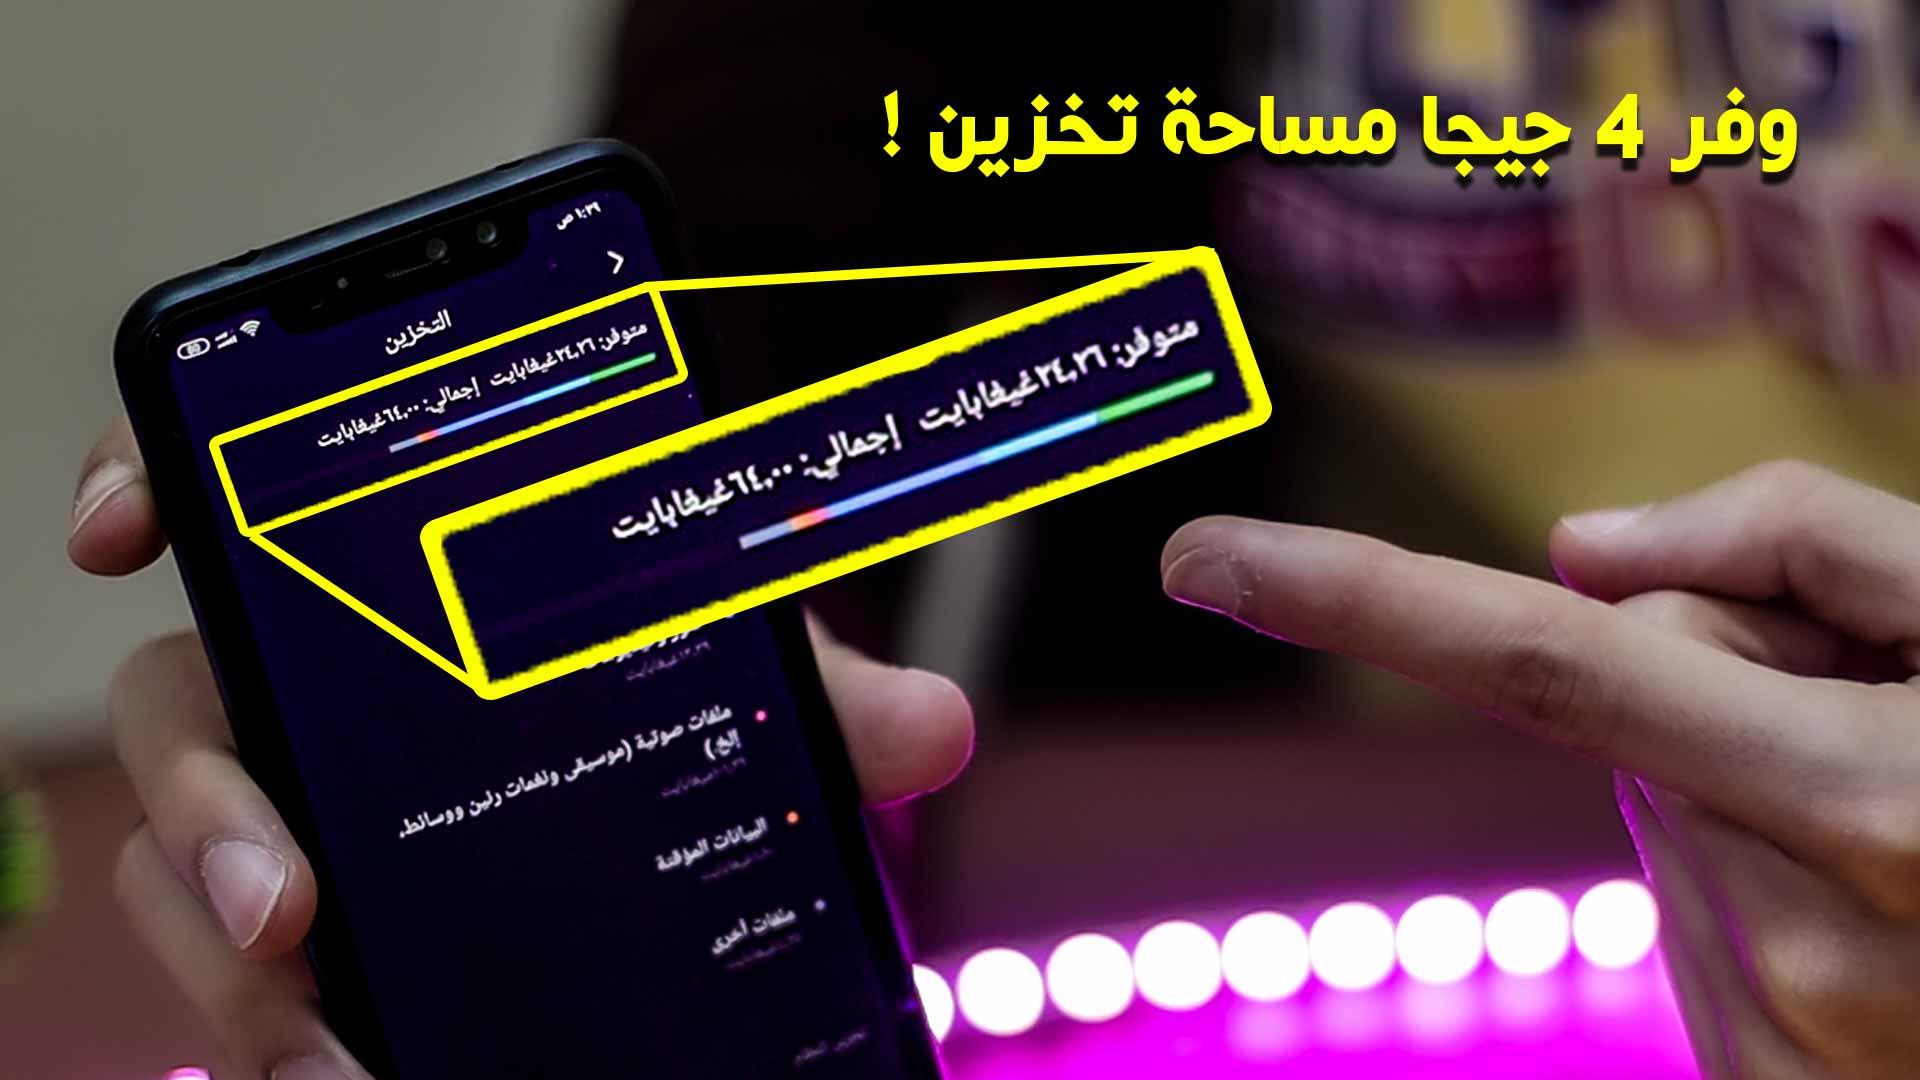 اخيرا التخلص من مشكله امتلاء ذاكرة الهاتف !! فى 10 خطوات